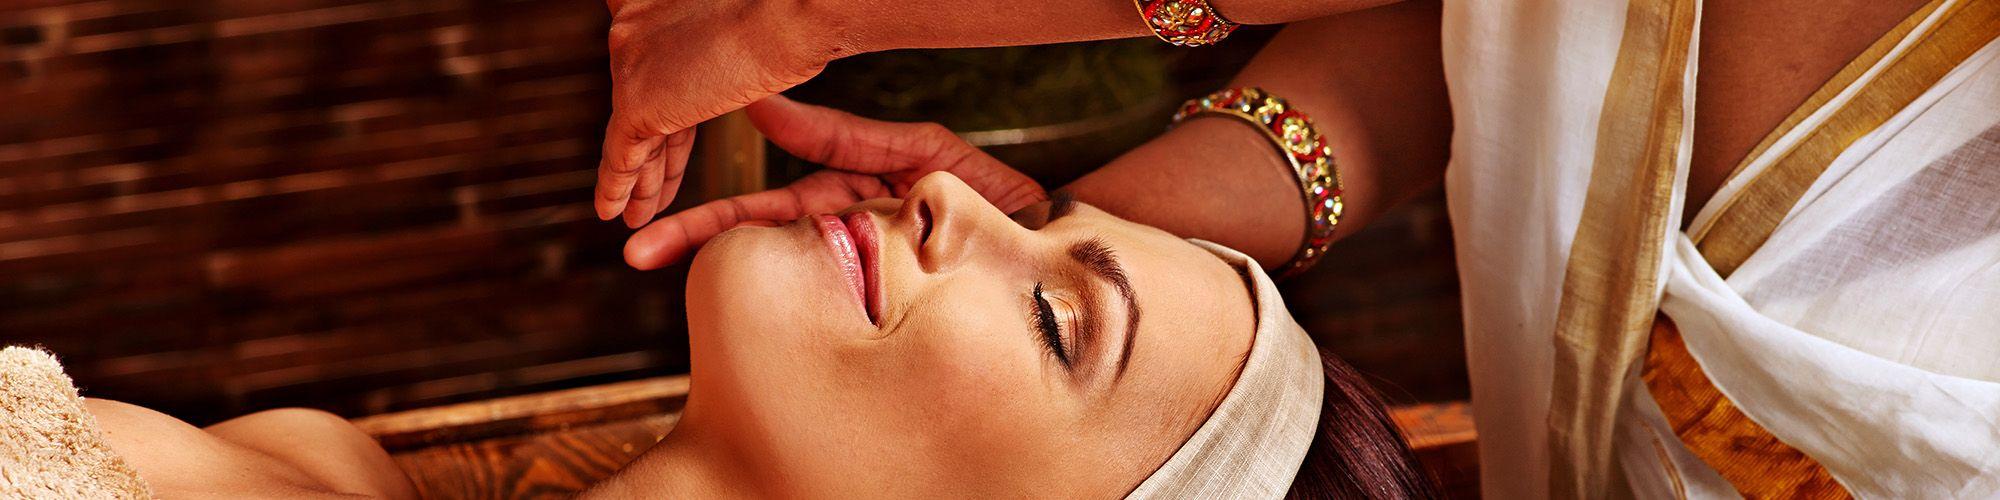 Wellness tours & inner journeys in Sri Lanka